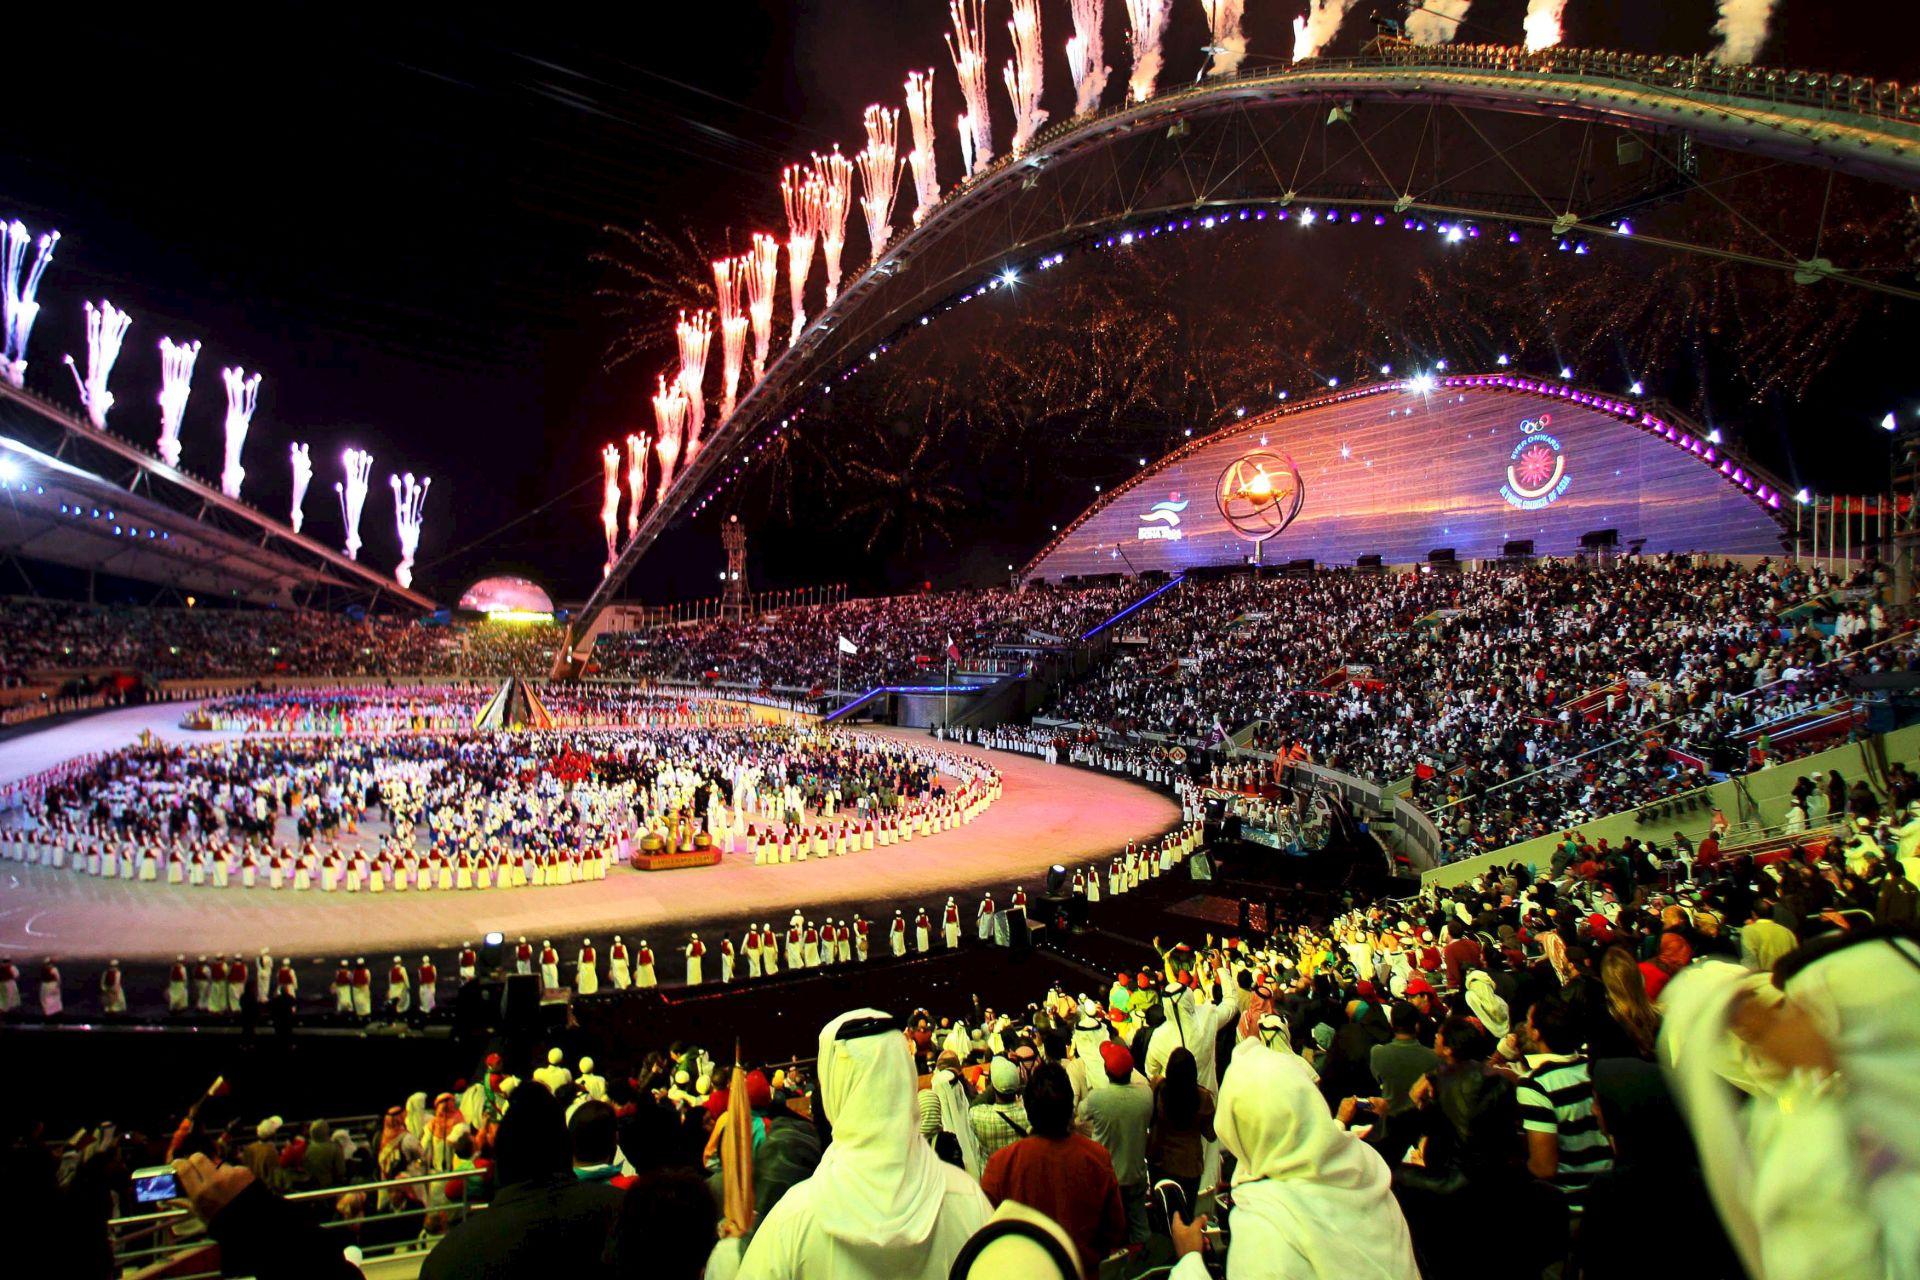 PAD CIJENA ENERGENATA: Katar mora riješiti problem konzumerizma